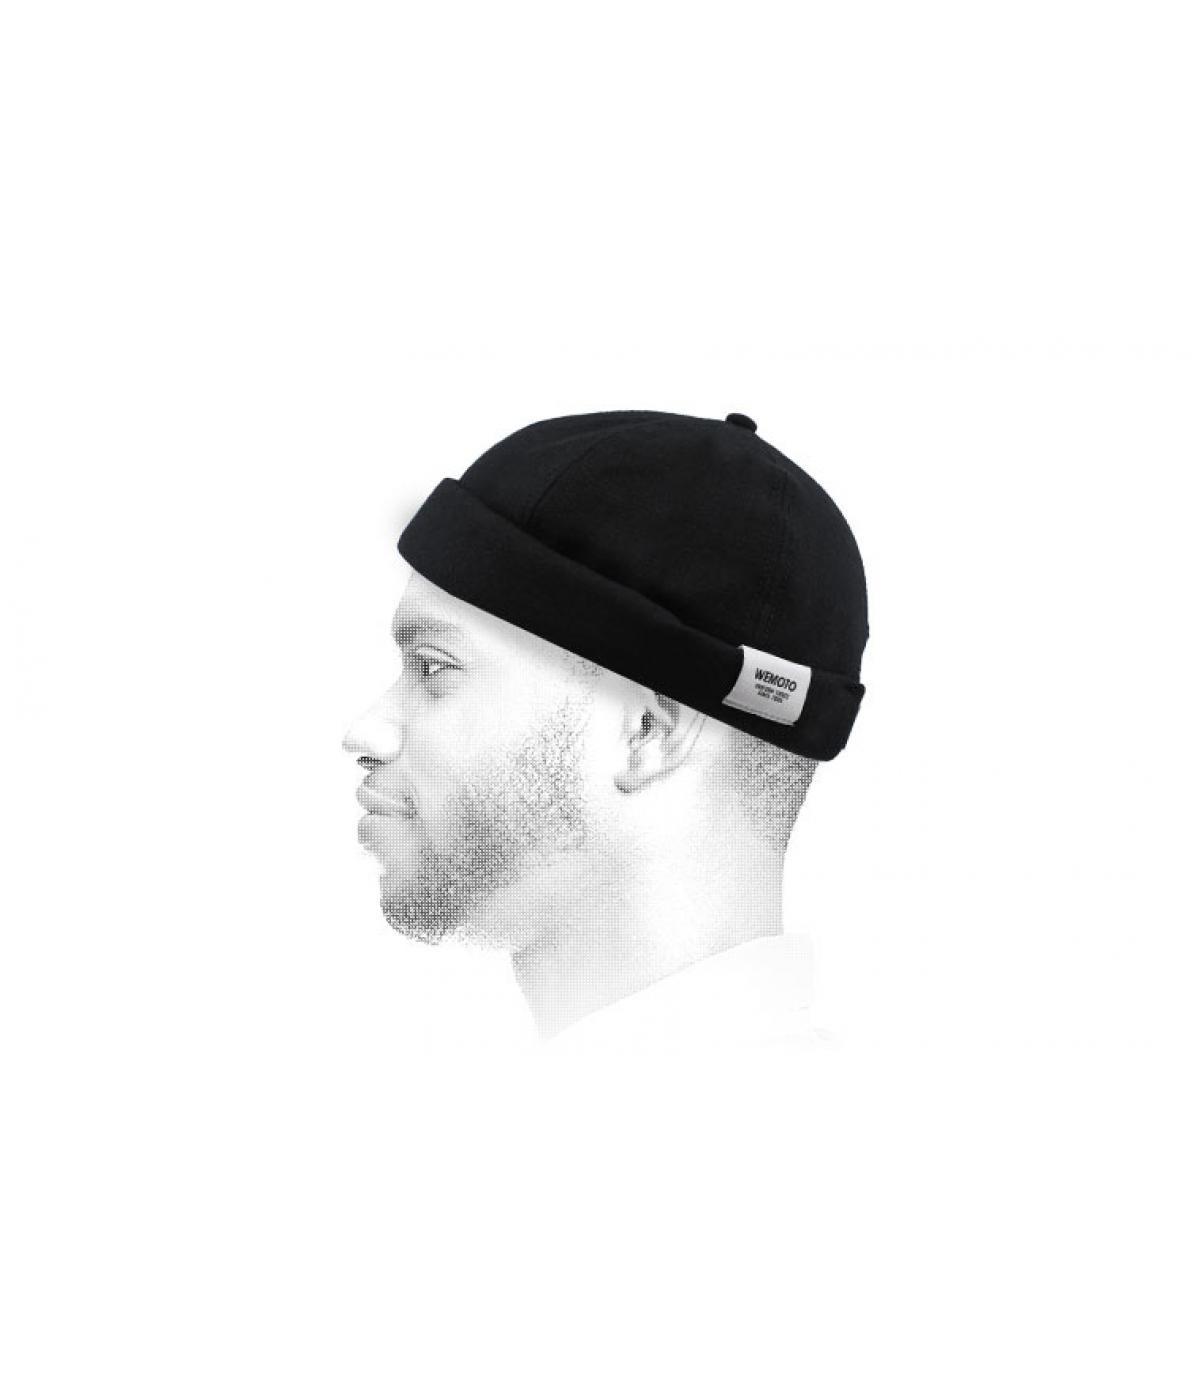 Docker Mütze schwarz Wemoto